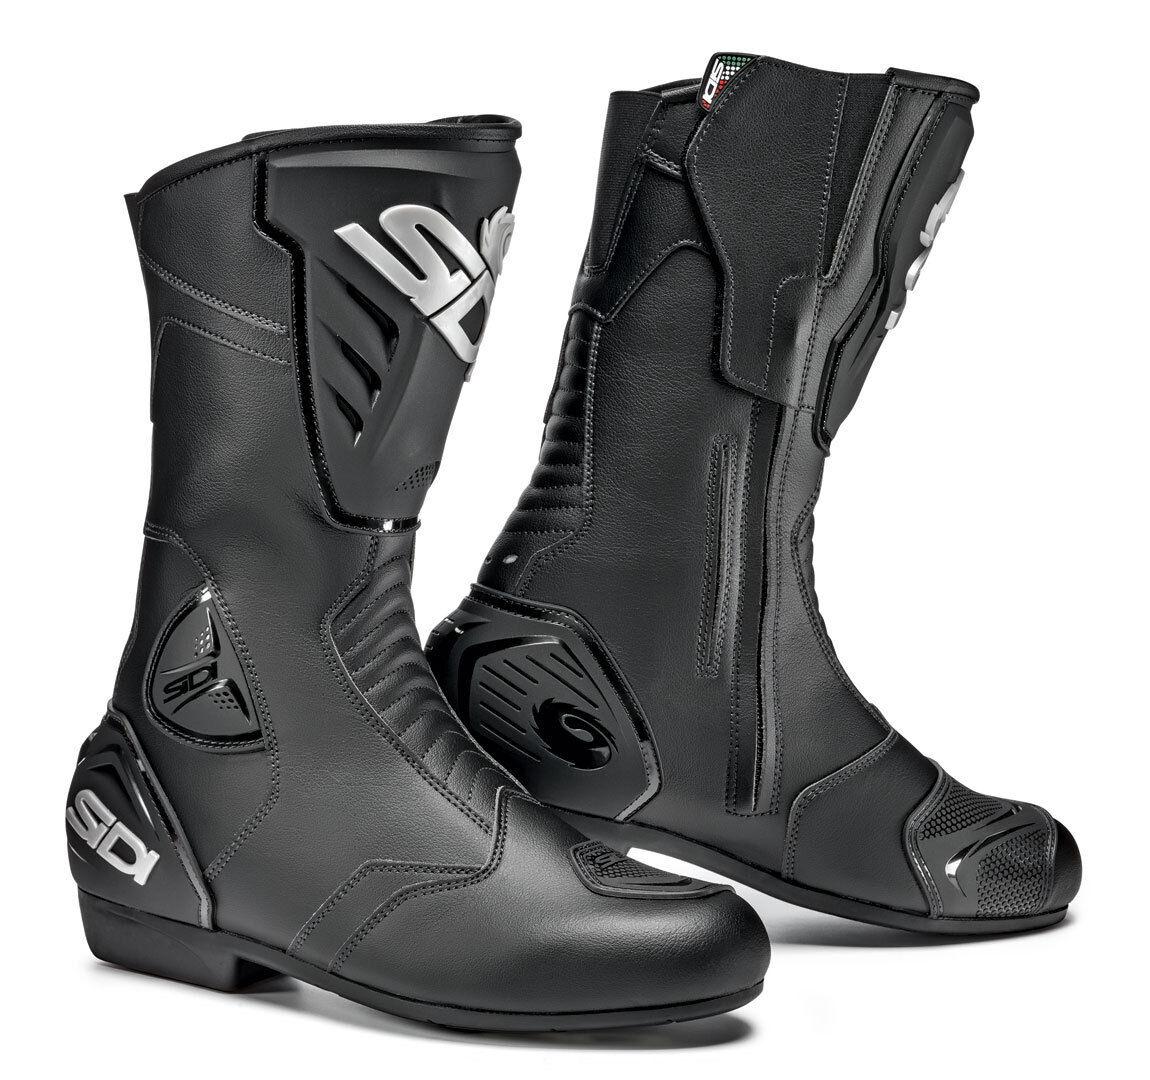 Sidi Black Rain Bottes de moto imperméable à l'eau Noir taille : 48